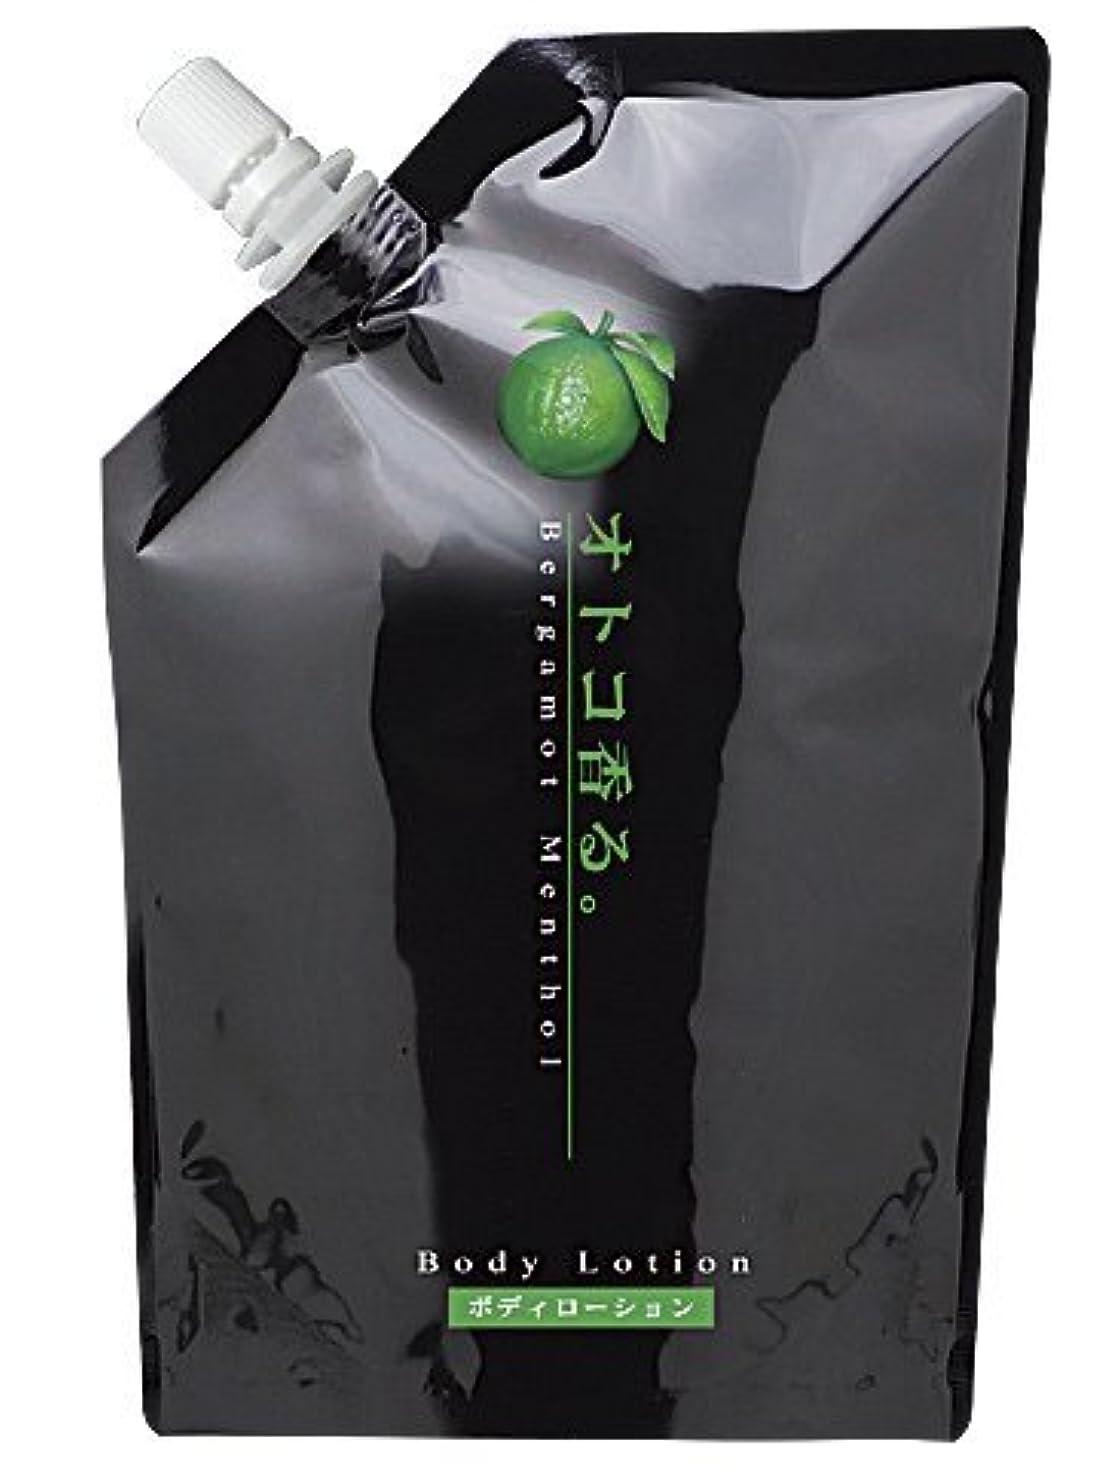 店員感動する雄弁kracie(クラシエ) オトコ香る ボディローション ベルガモットの香り 微香性 業務用 家庭様向け 500ml 補充サイズ